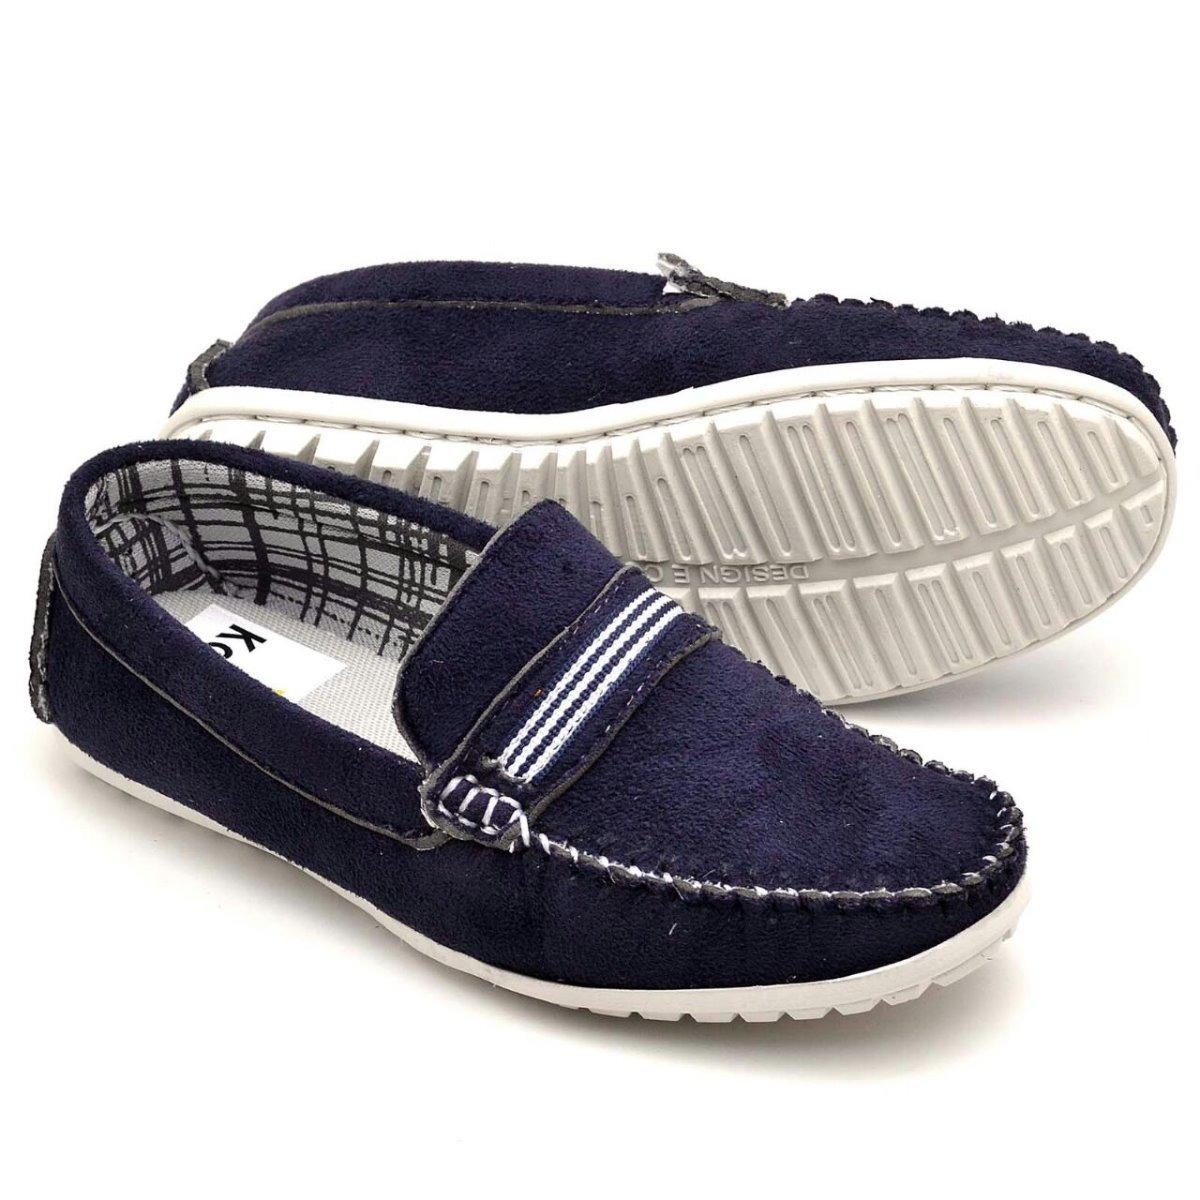 99c56087d4 sapato mocassim infantil masculino em couro casual moderno. Carregando zoom.